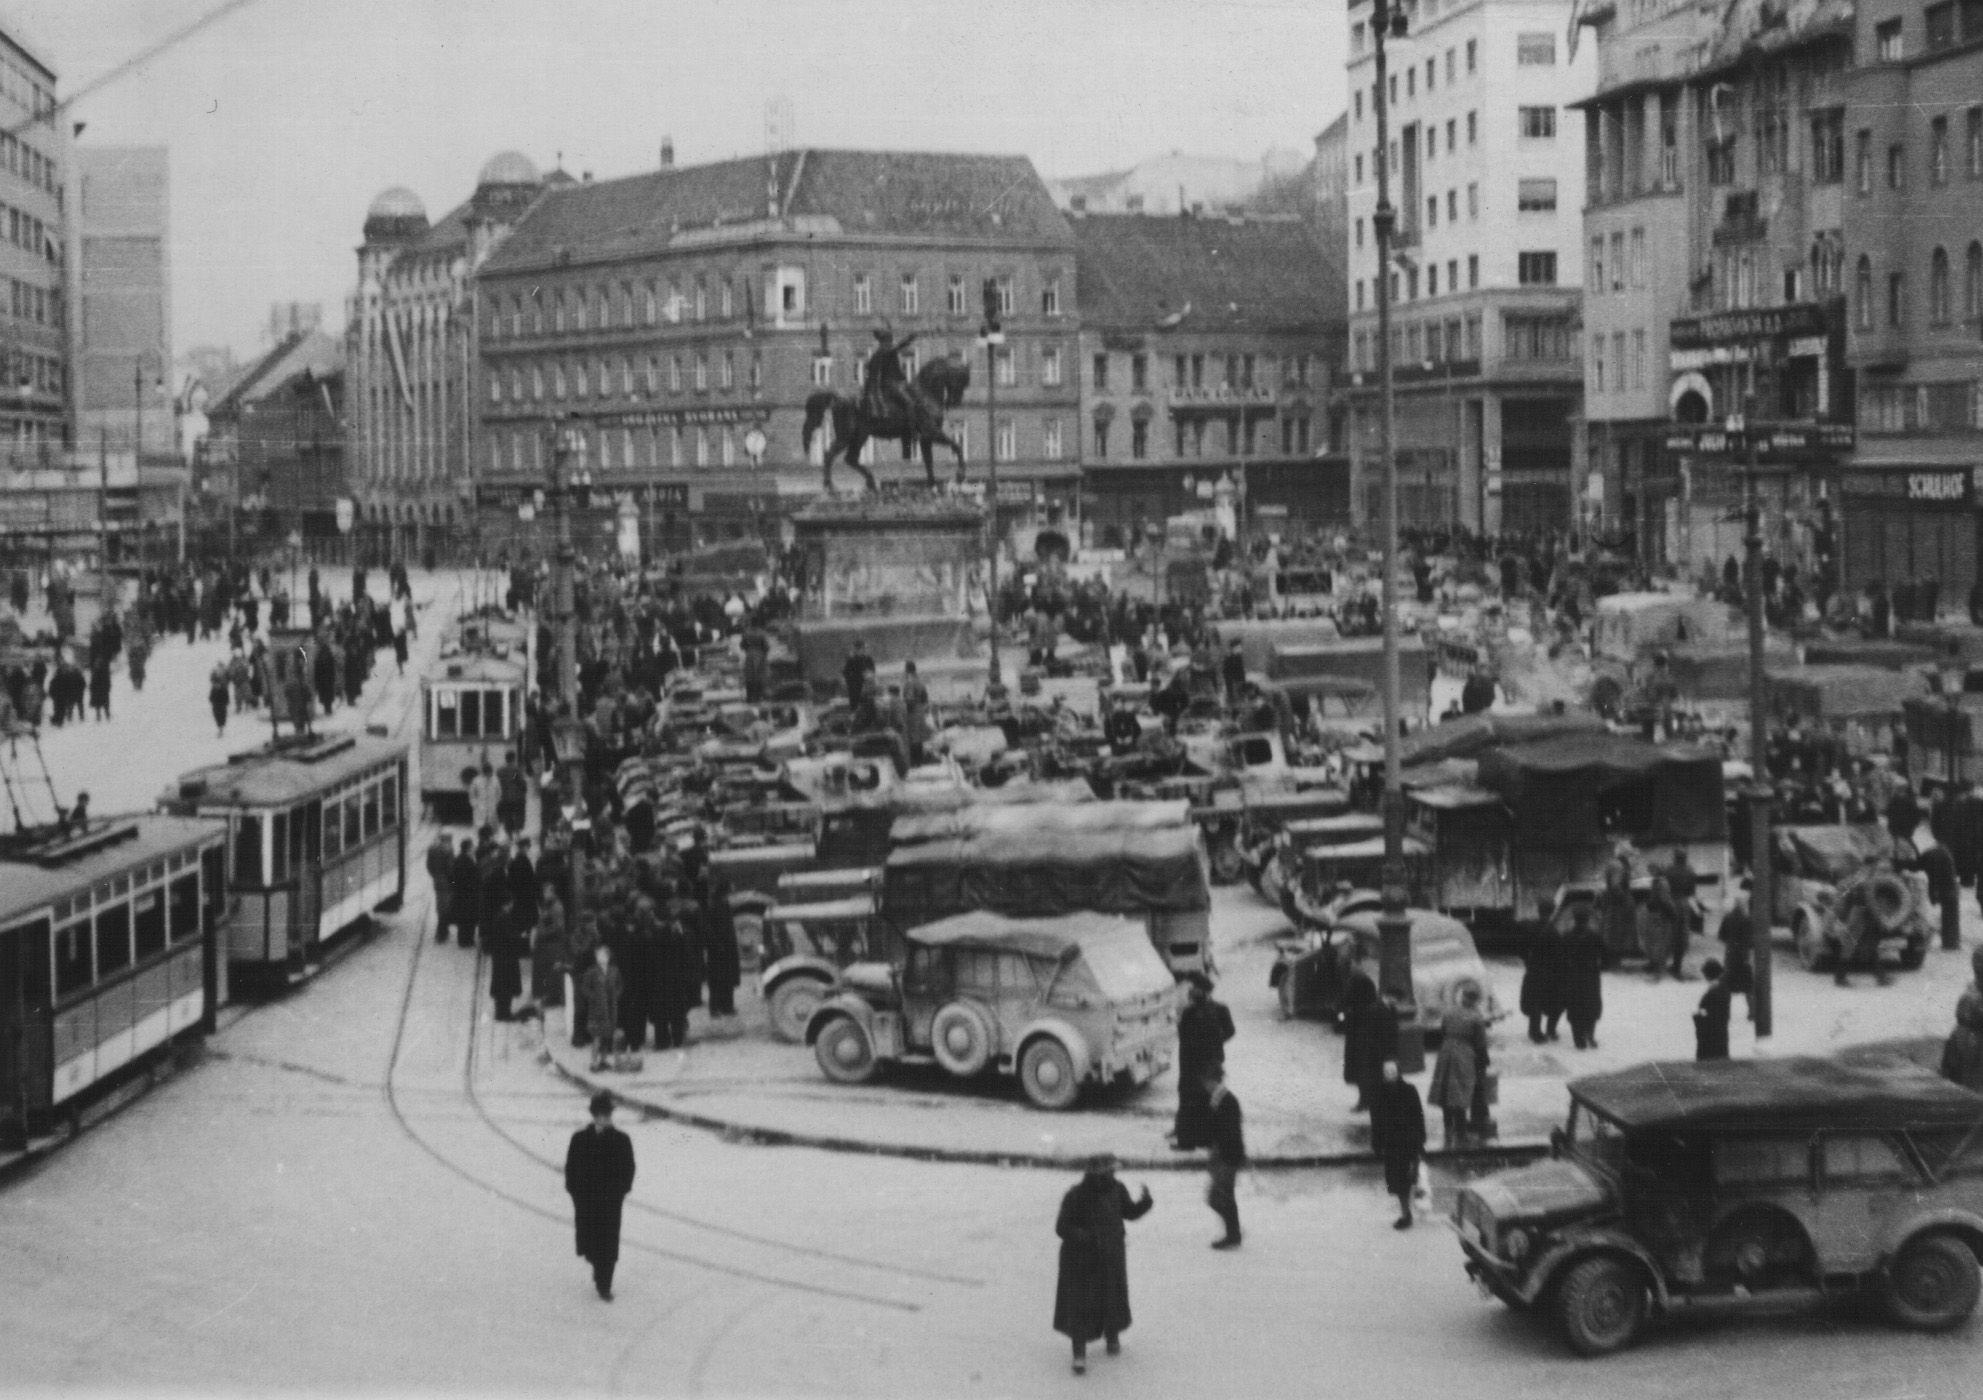 Wwii 1941 Ndh Zagreb Trg Bjj Ulazak Nacista Zagreb Croatia Scenes